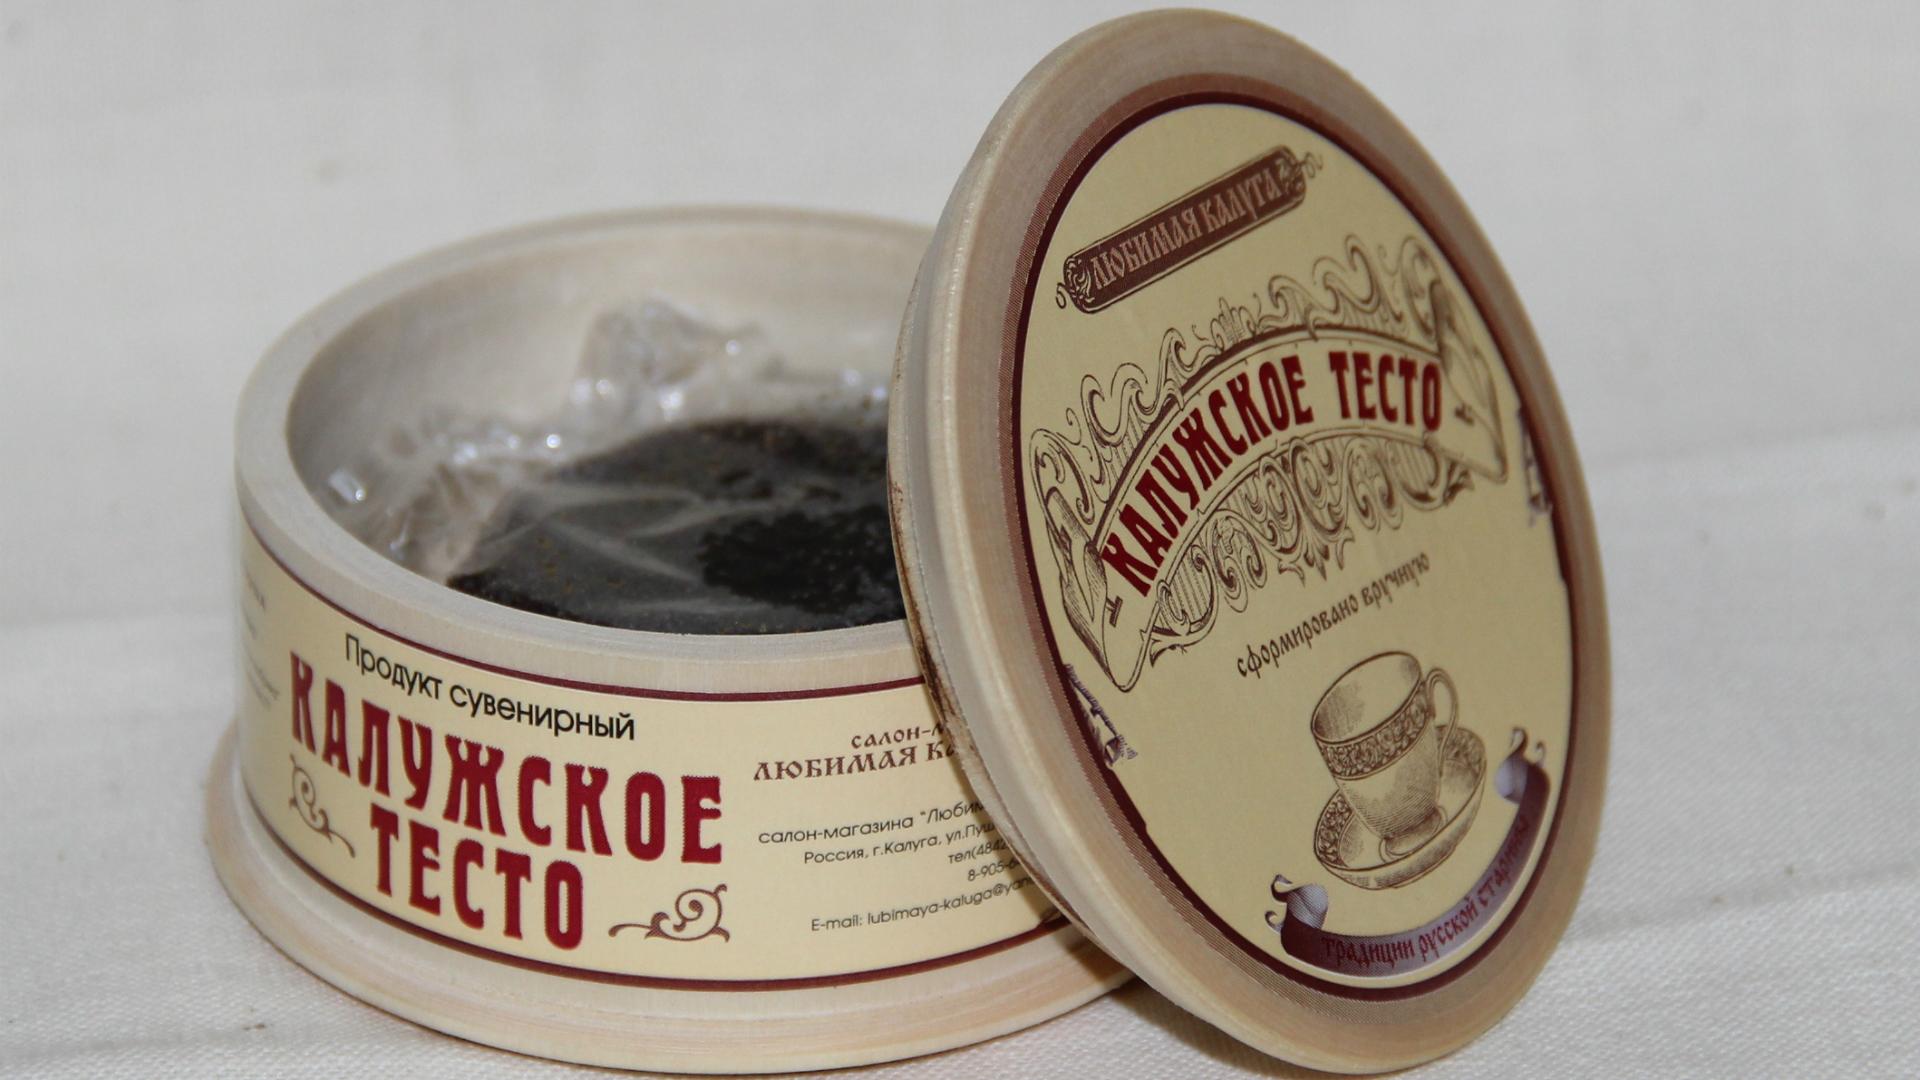 Photo courtesy: http://lubimaya-kaluga.ru/